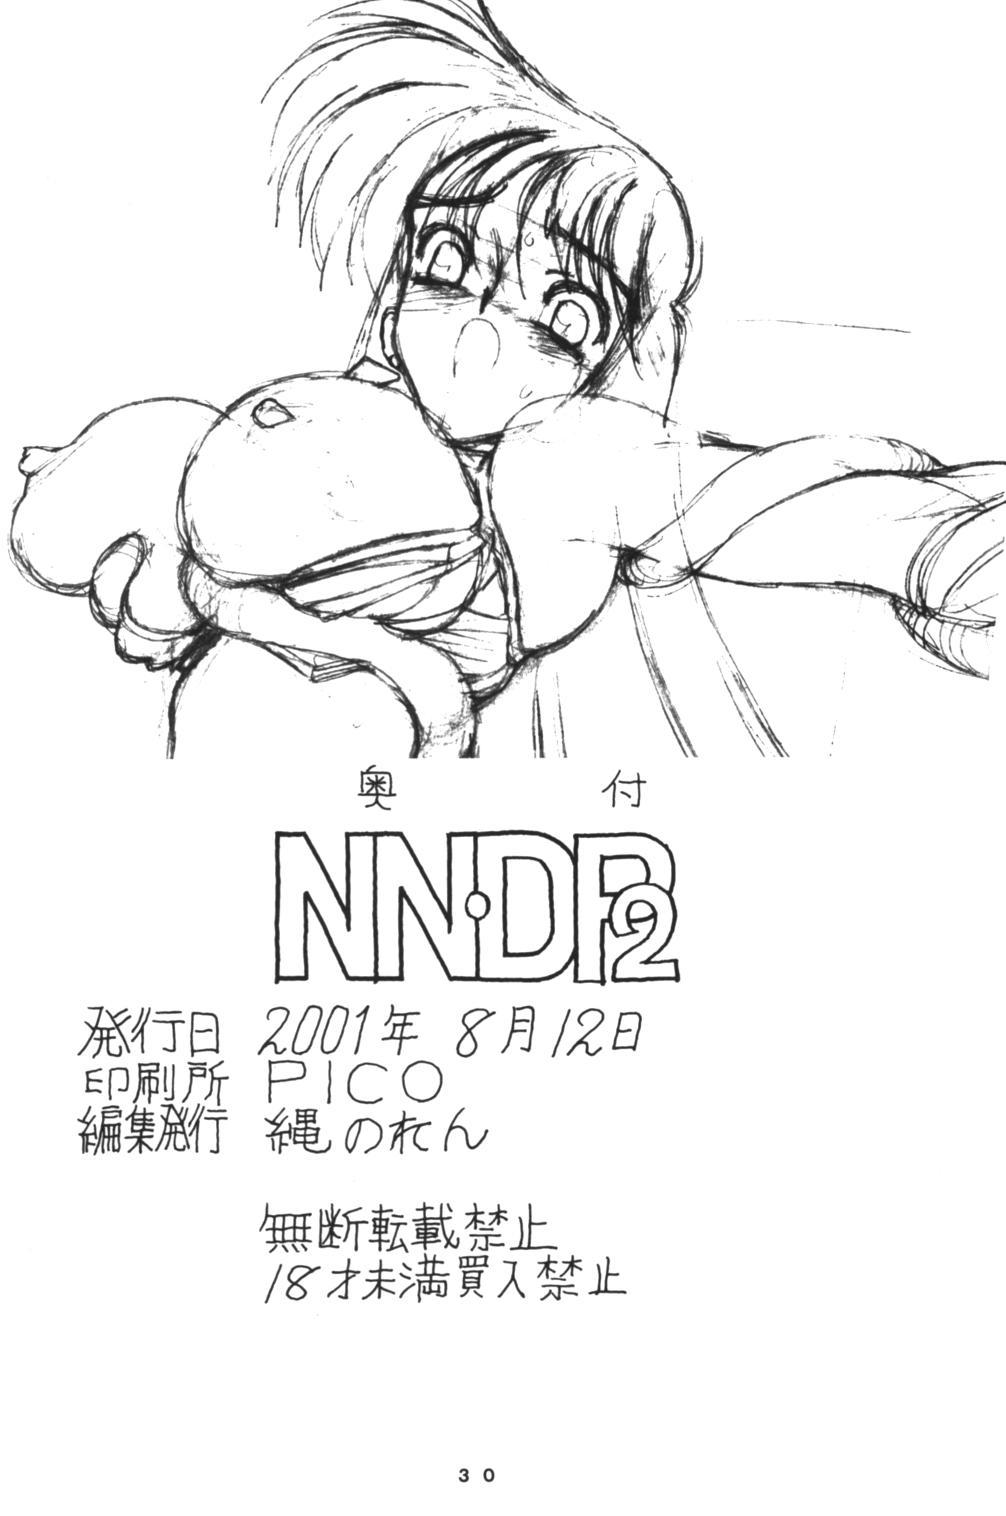 NNDP 2 29